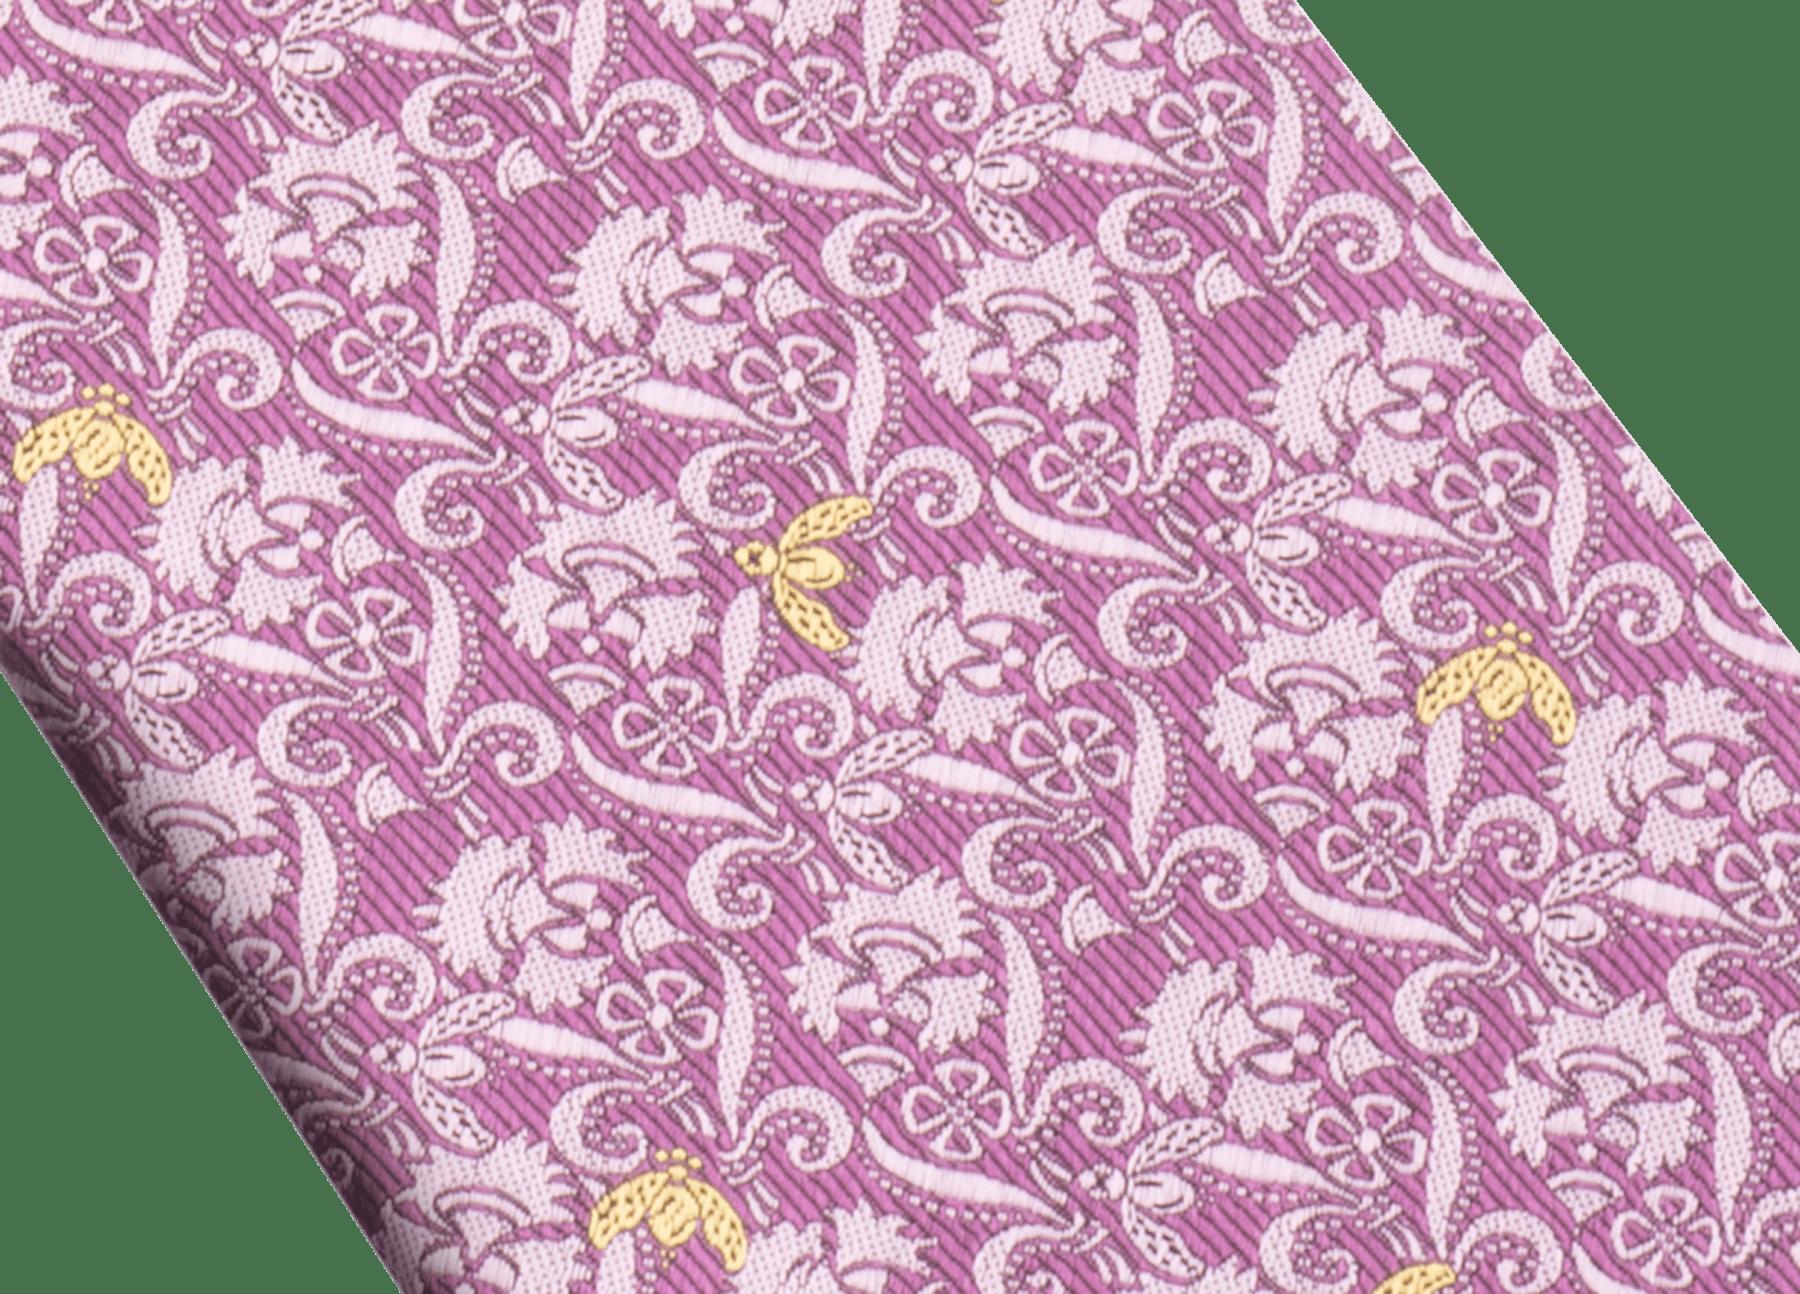 Cravate sept plis Bee Lux mauve en jacquard de soie fine. 244079 image 2